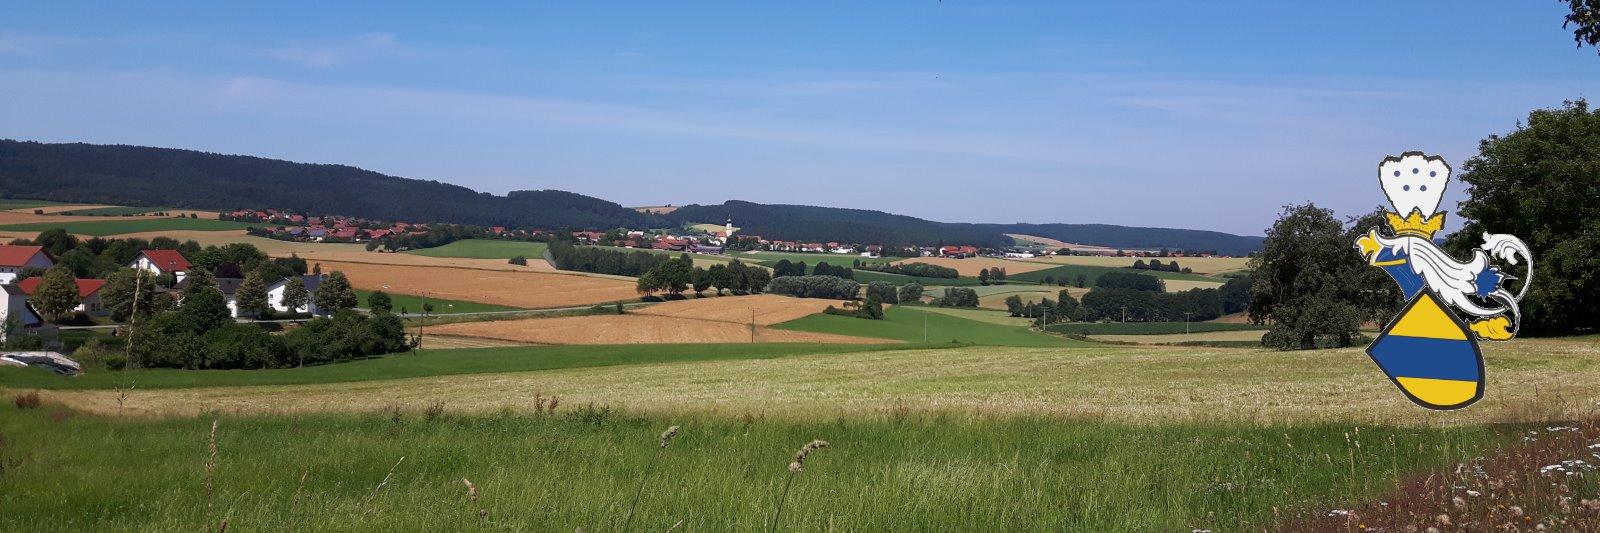 Bayerischer Wald Hotel Türlinger Landkreis Cham in der Oberpfalz